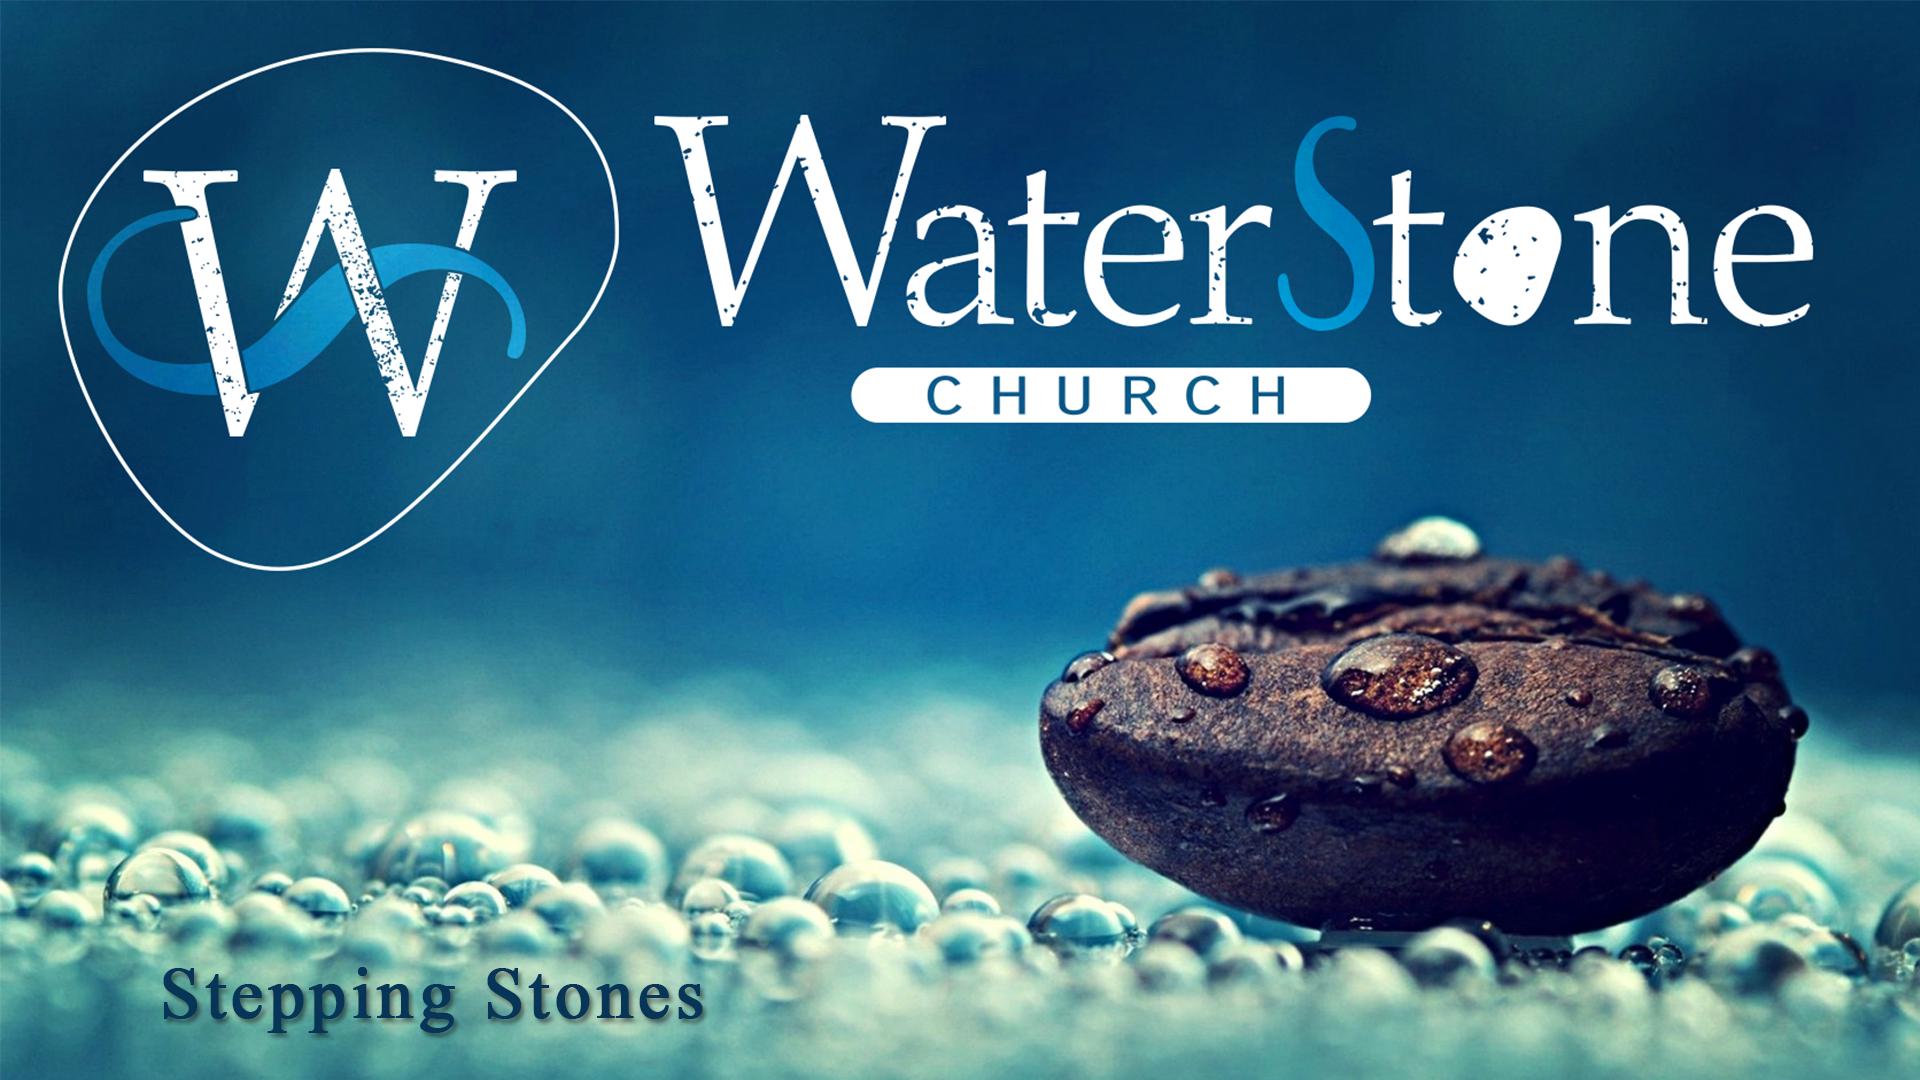 2017 waterstone membershp title slide